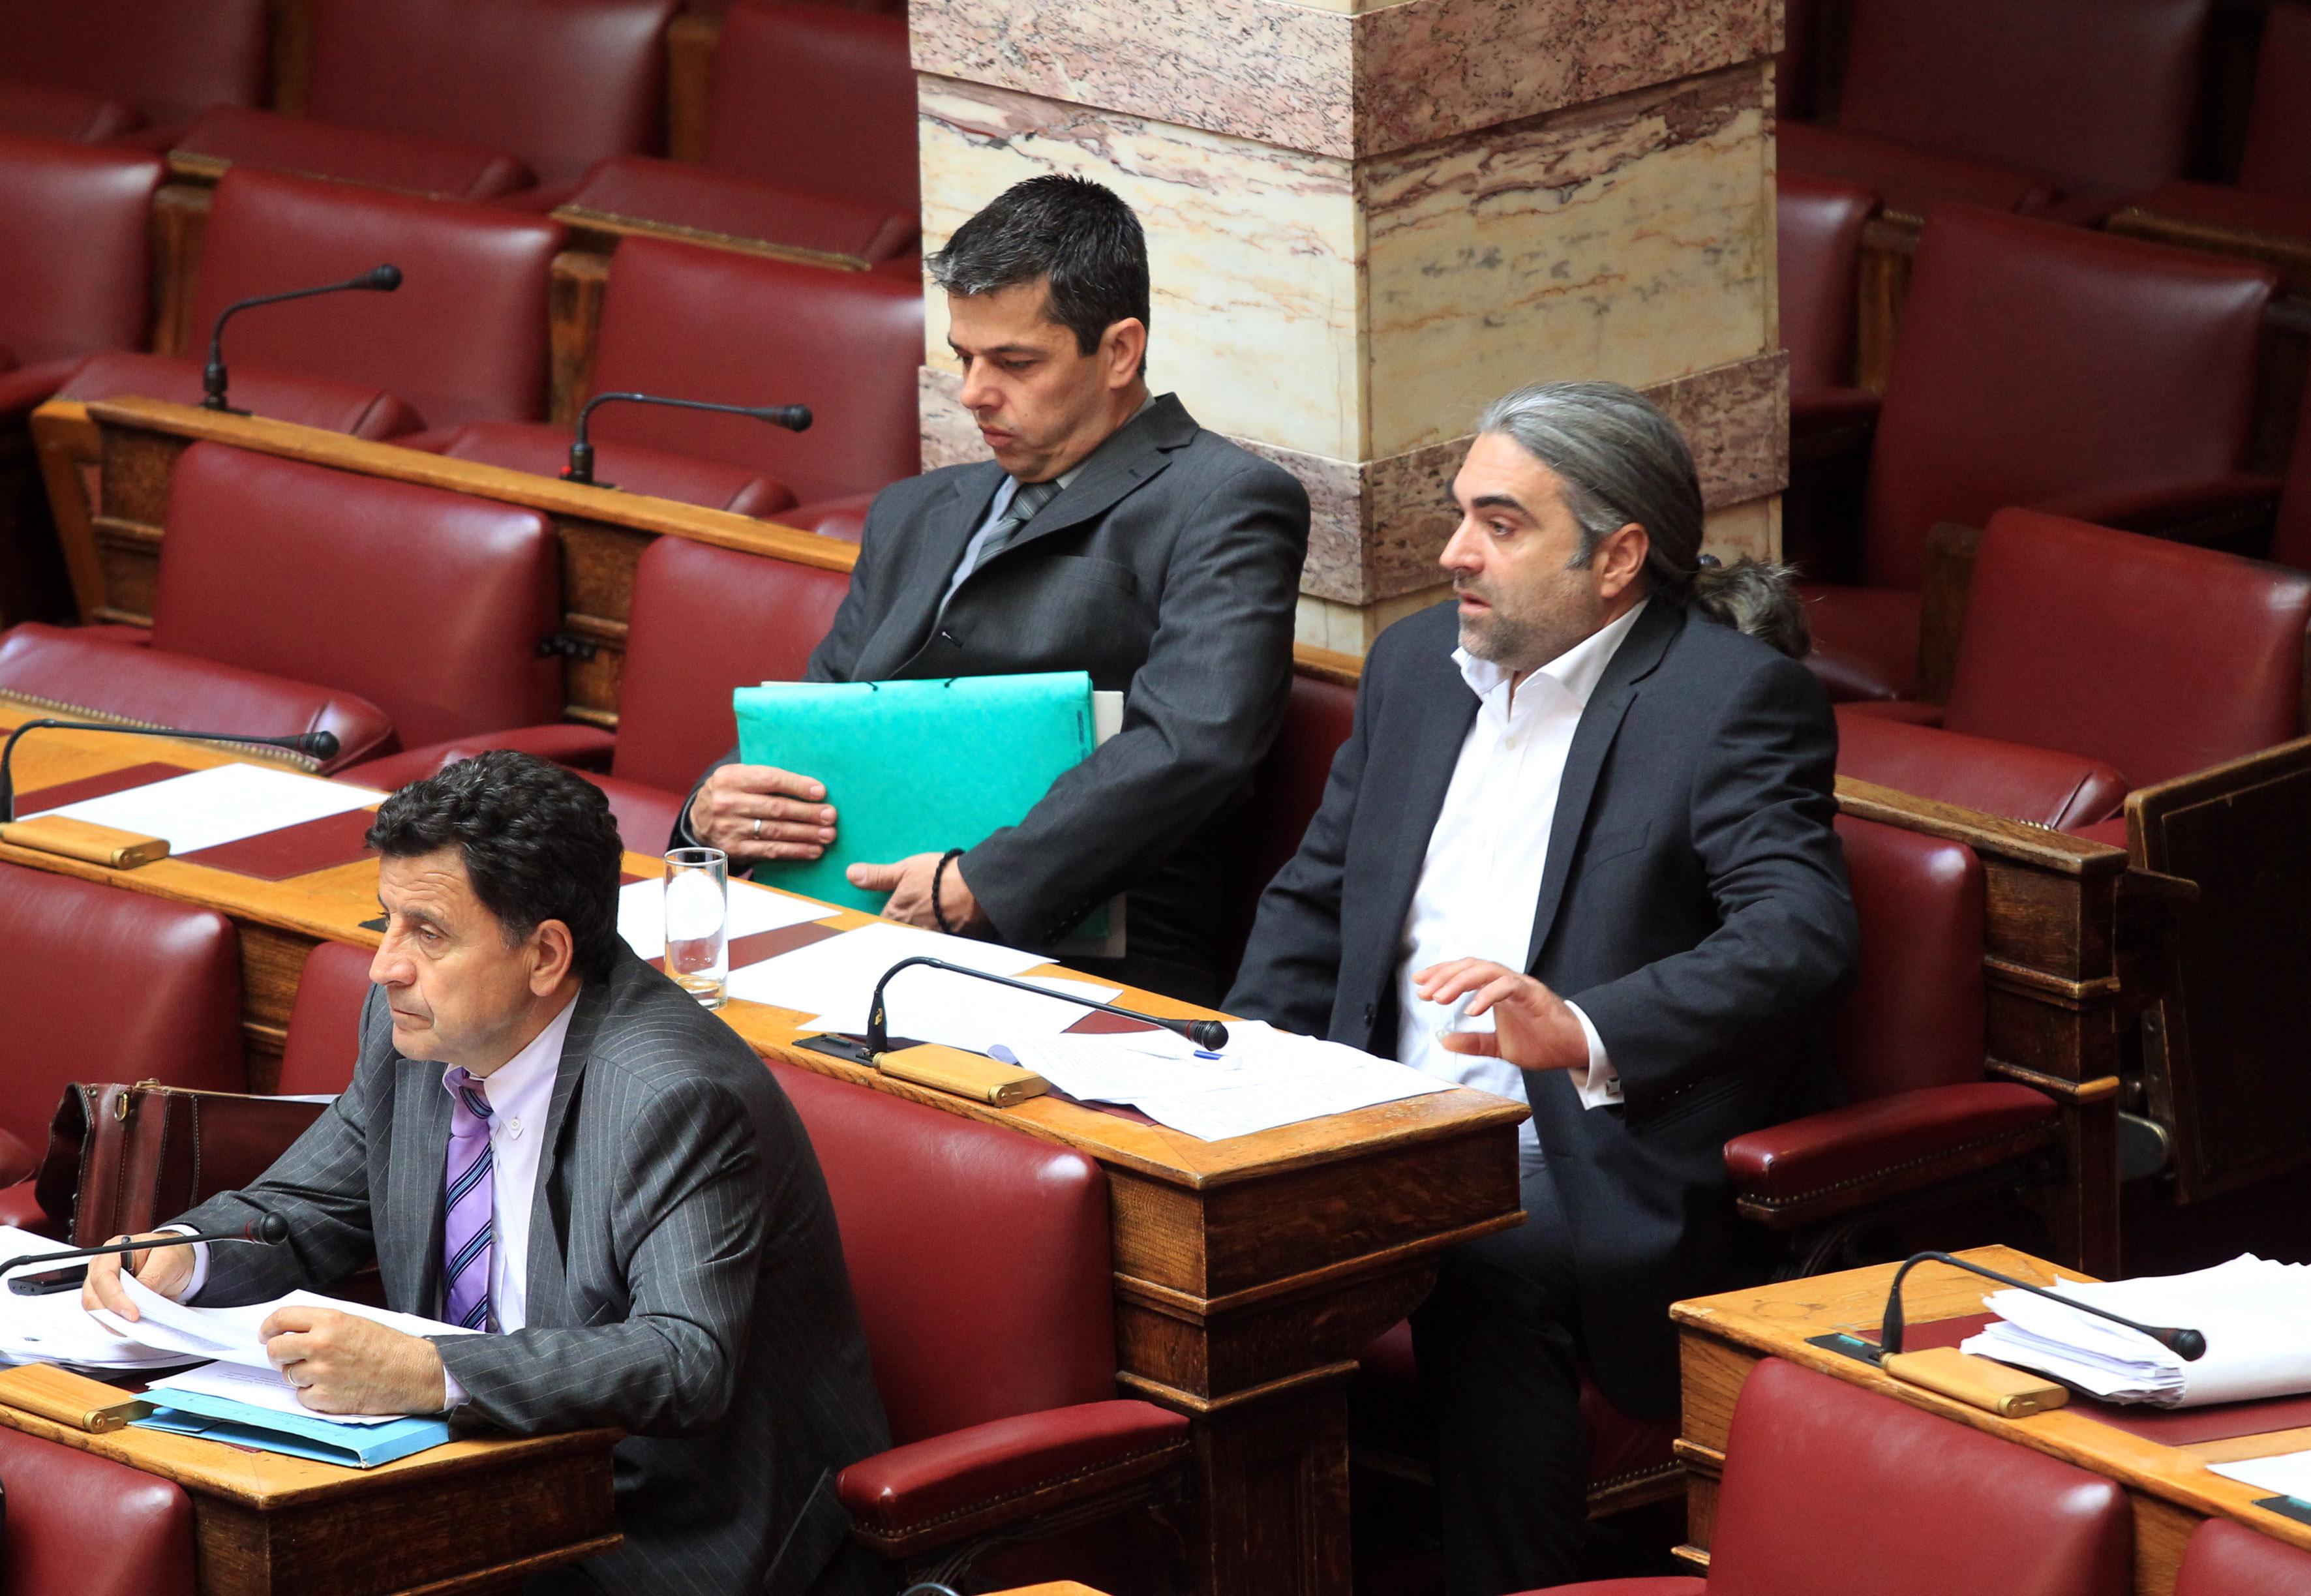 Υπόθεση Χρυσή Αυγή: Στις 16 Ιουνίου απολογείται ο Χρ.Αλεξόπουλος | tovima.gr